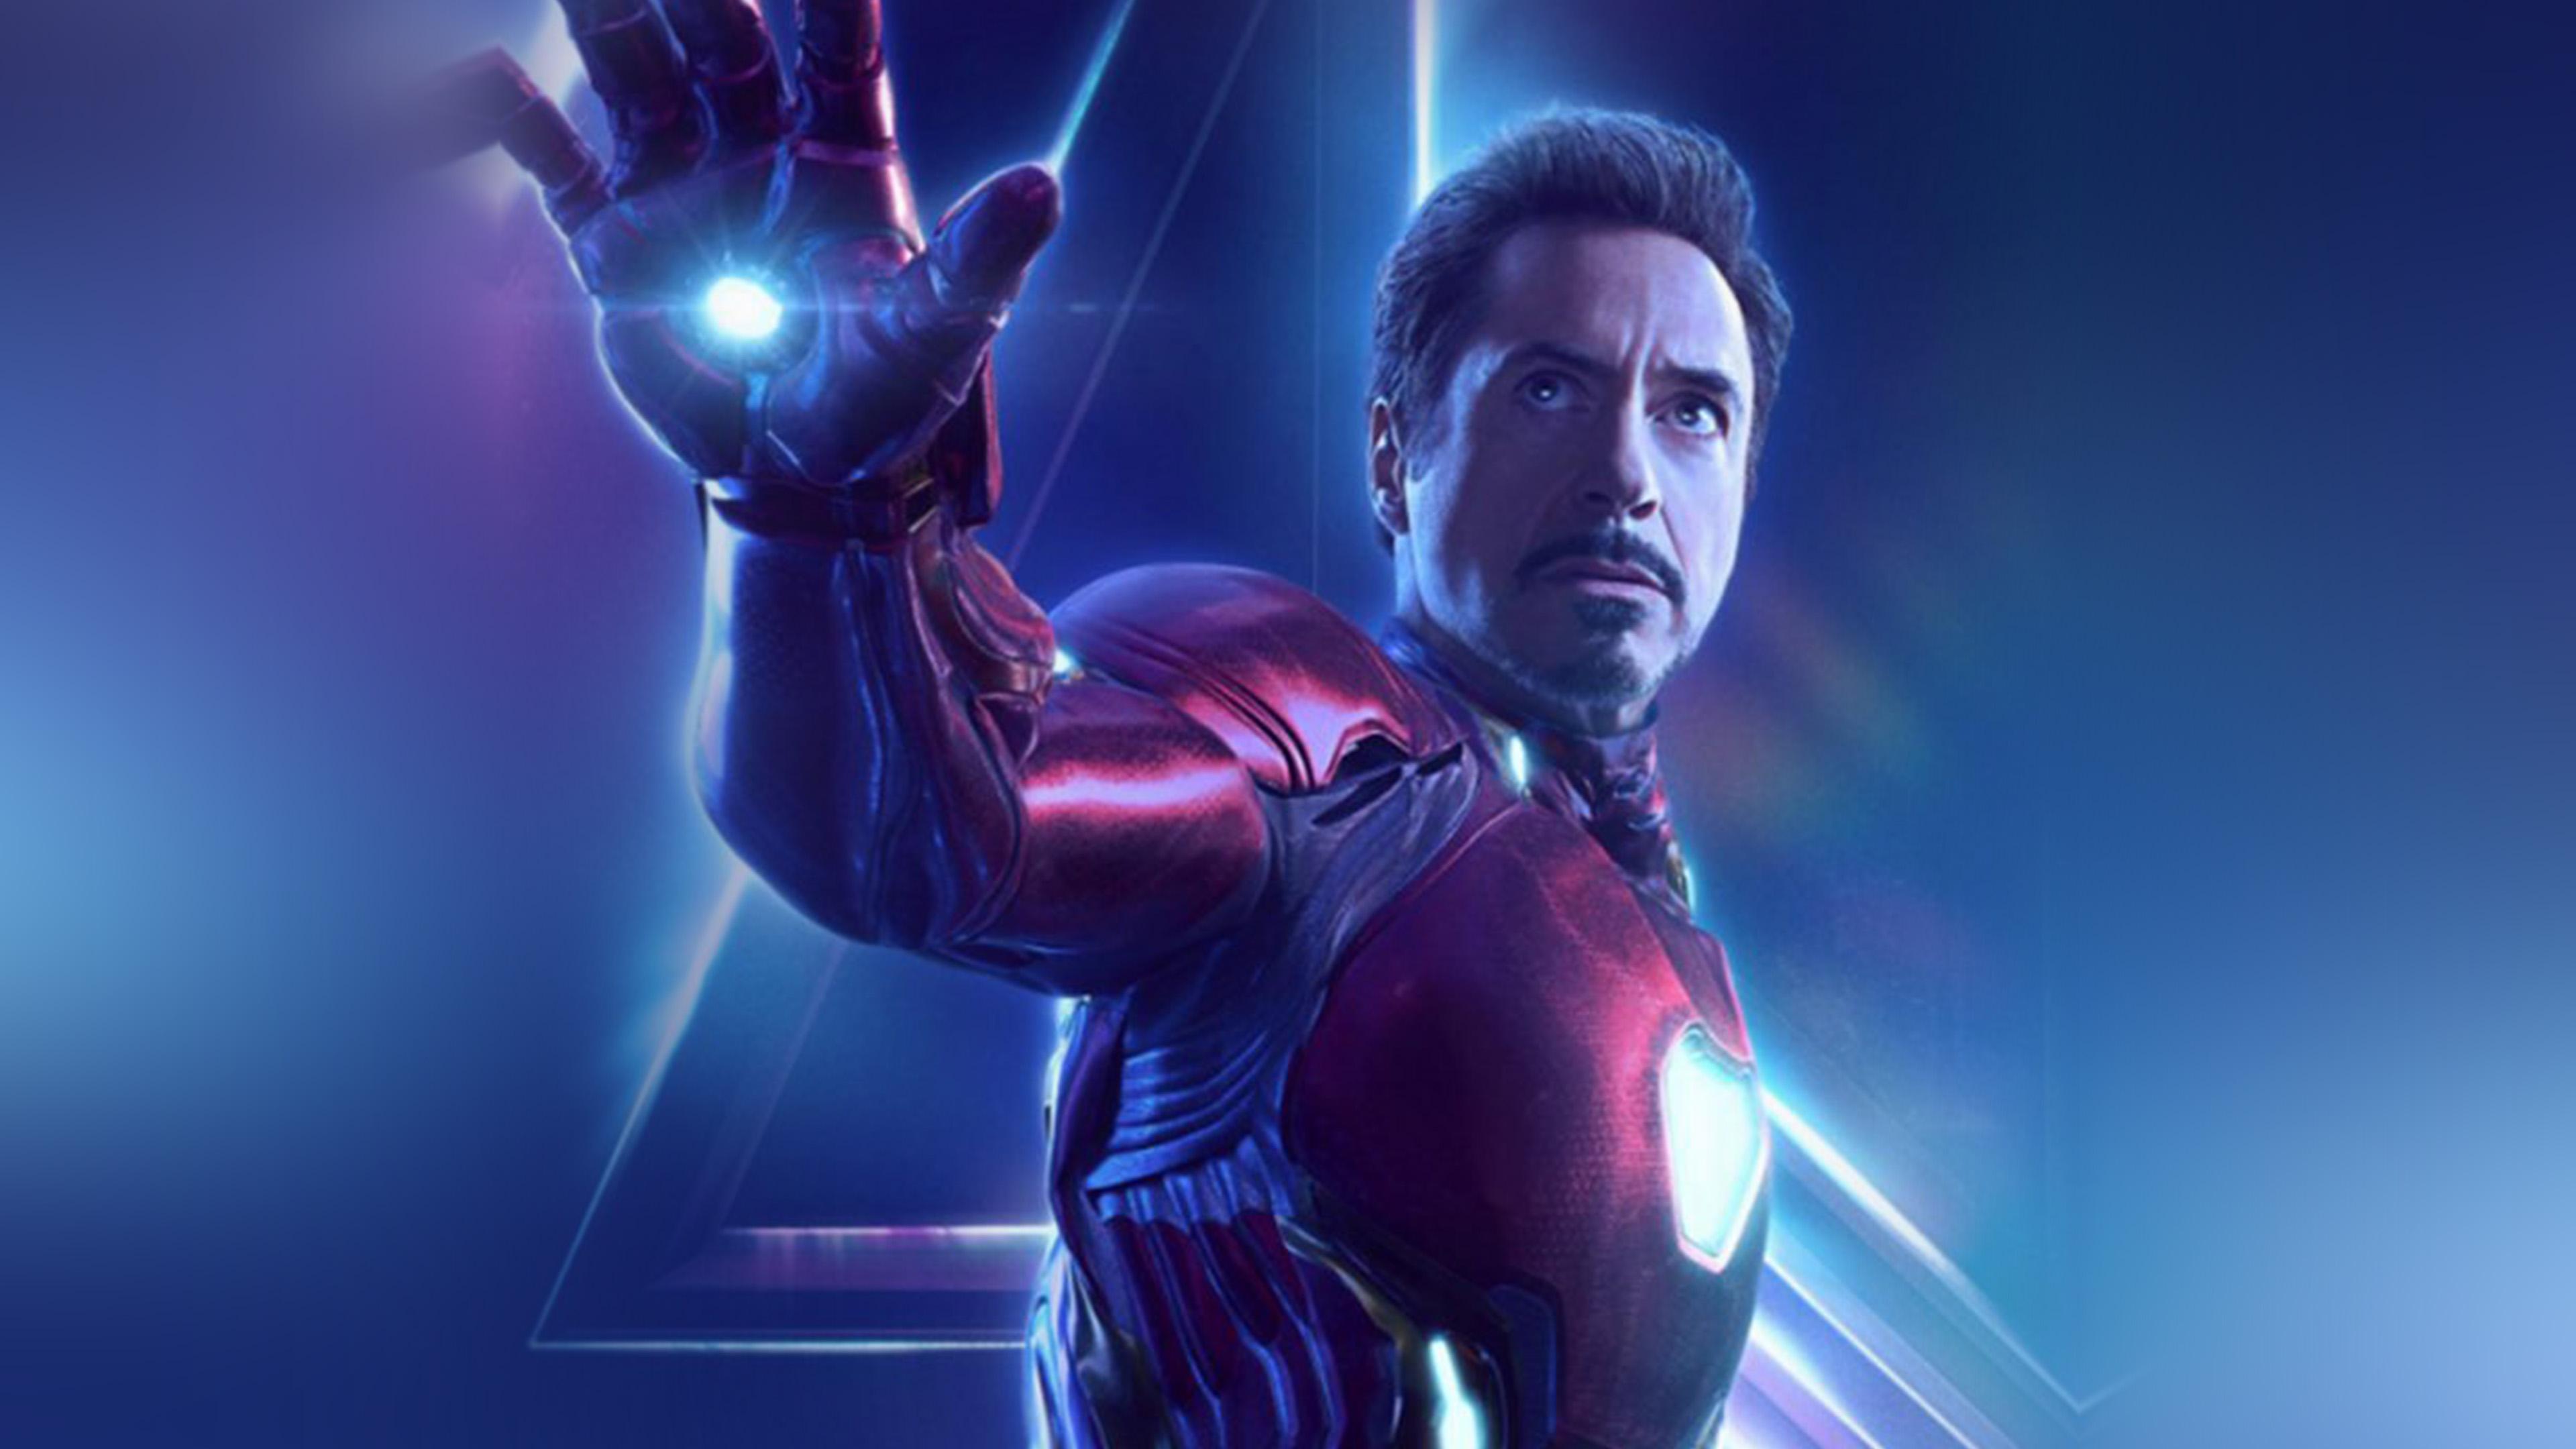 Be89-ironman-hero-avengers-film-marvel-art-wallpaper